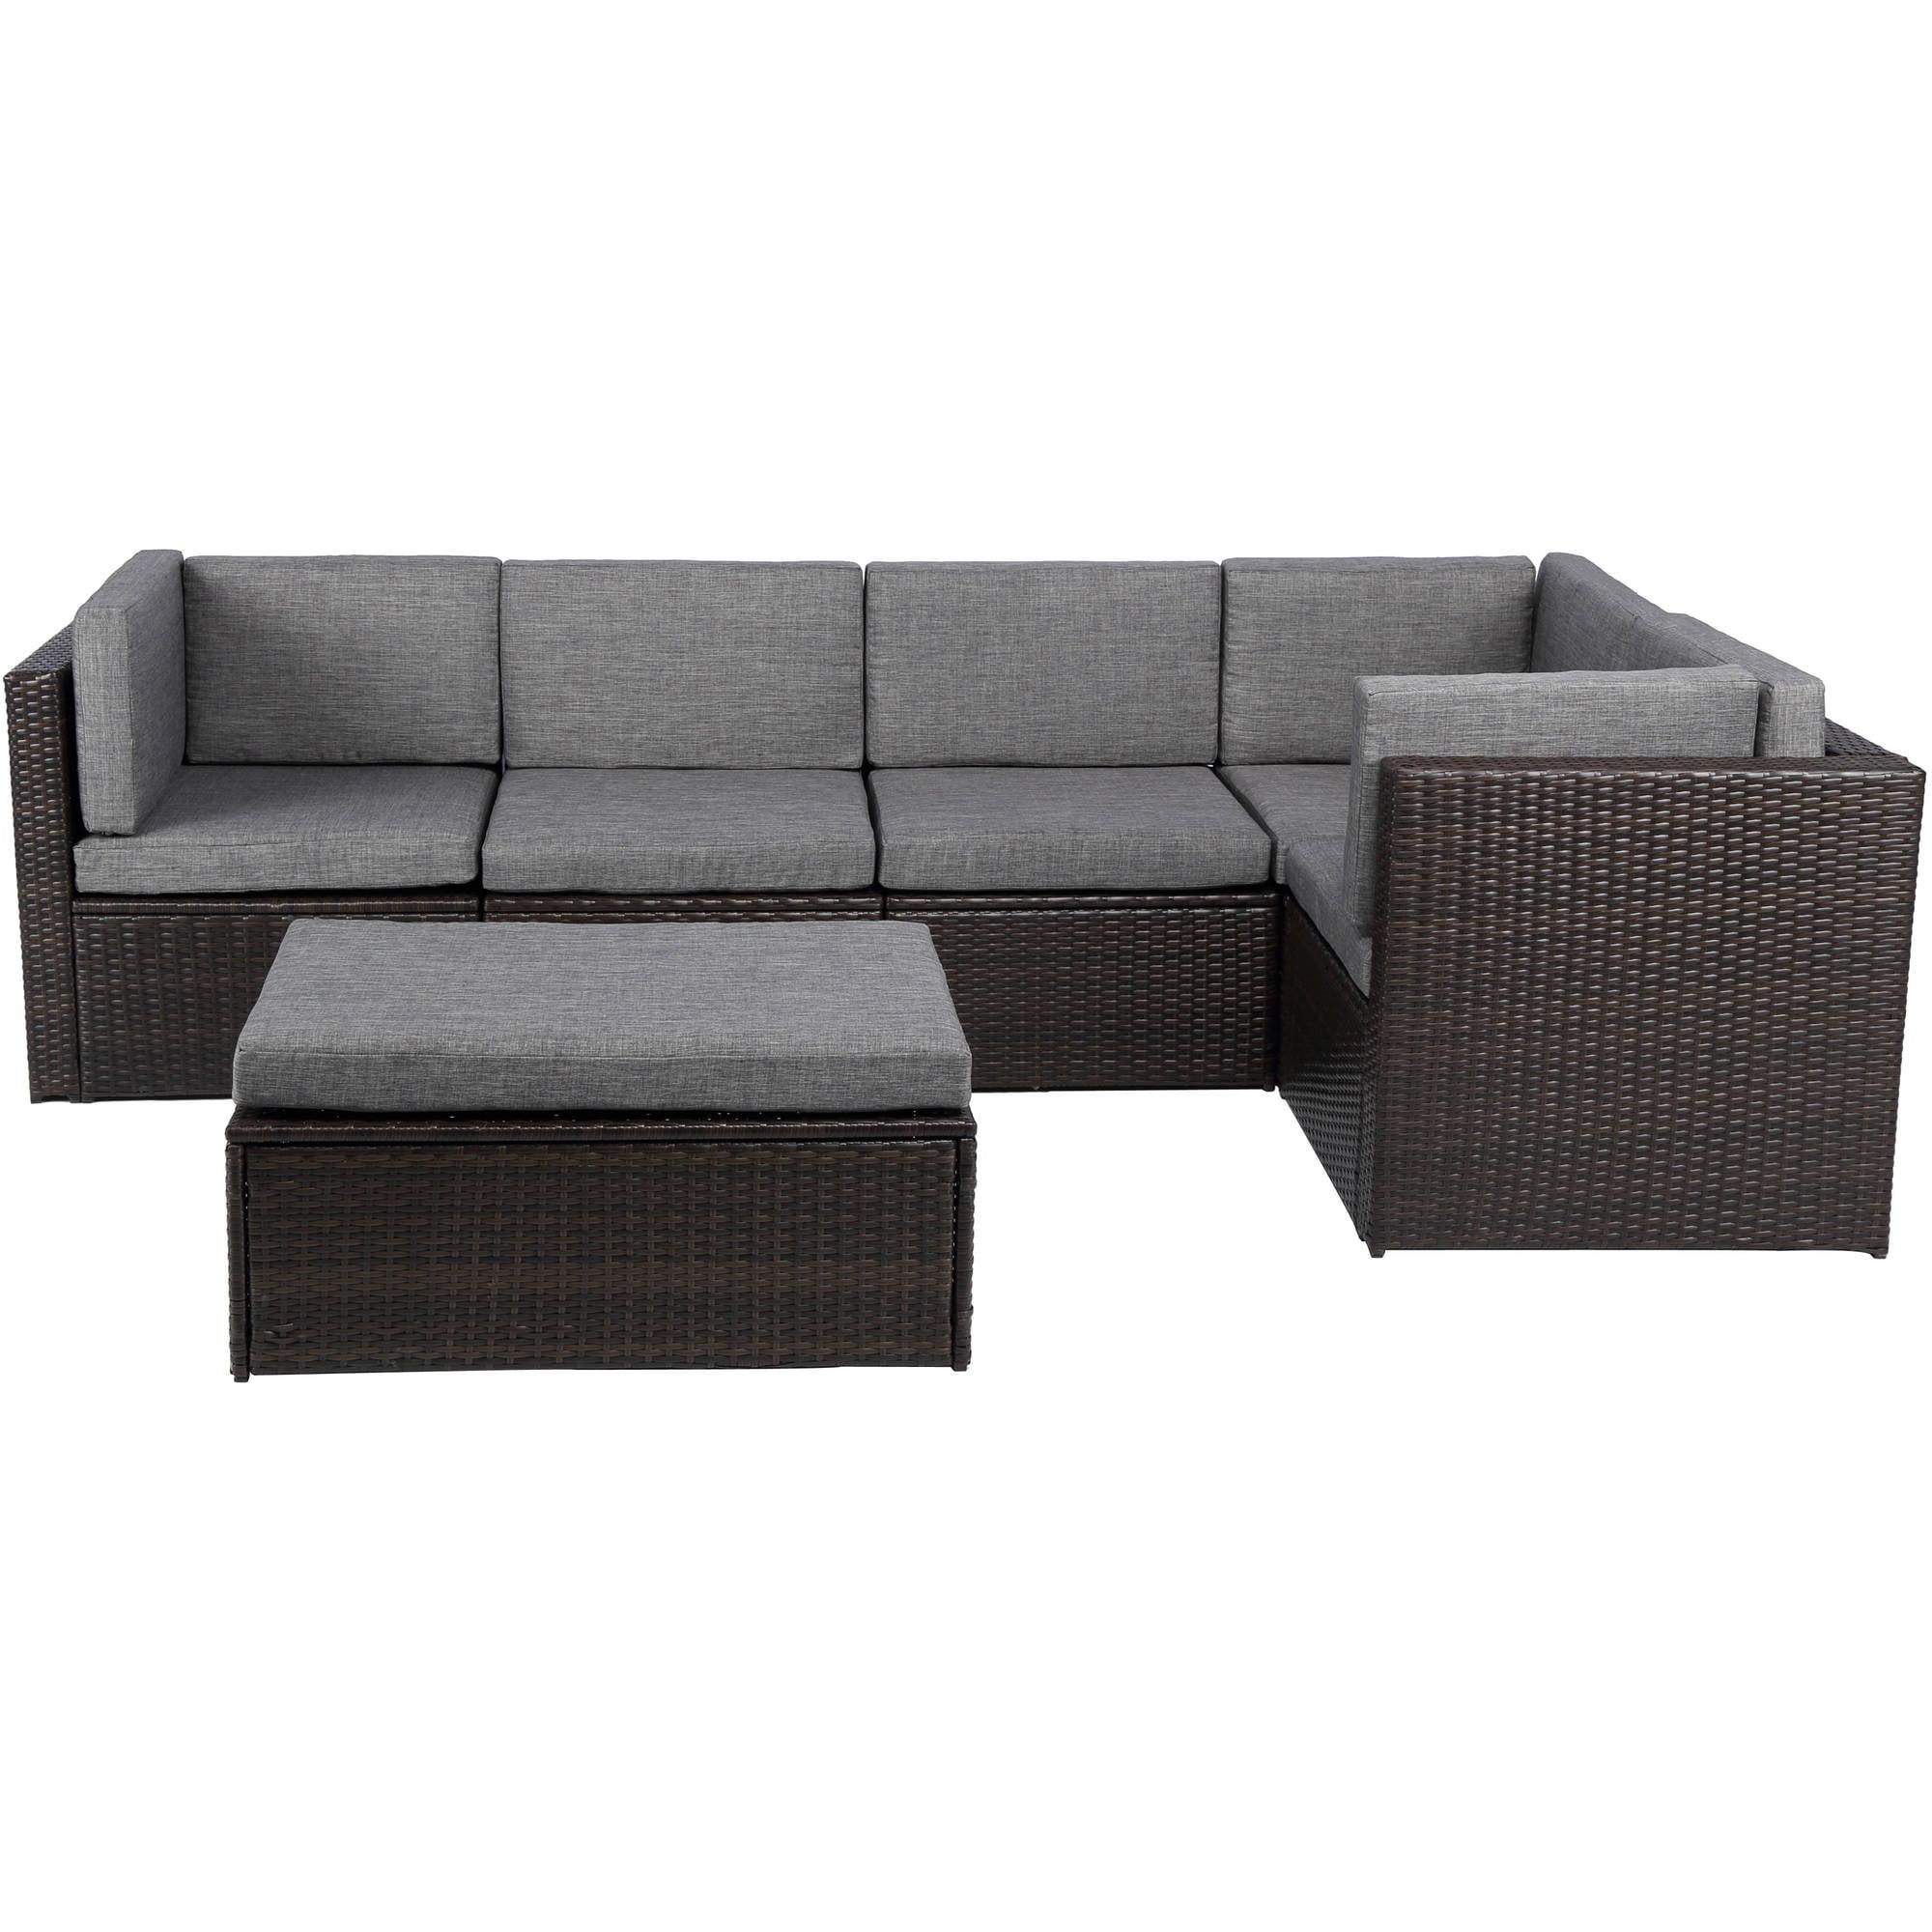 Baner Garden Outdoor Furniture Complete Patio PE Wicker Rattan Garden Corner Sofa Couch Set, Black, 4 Pieces